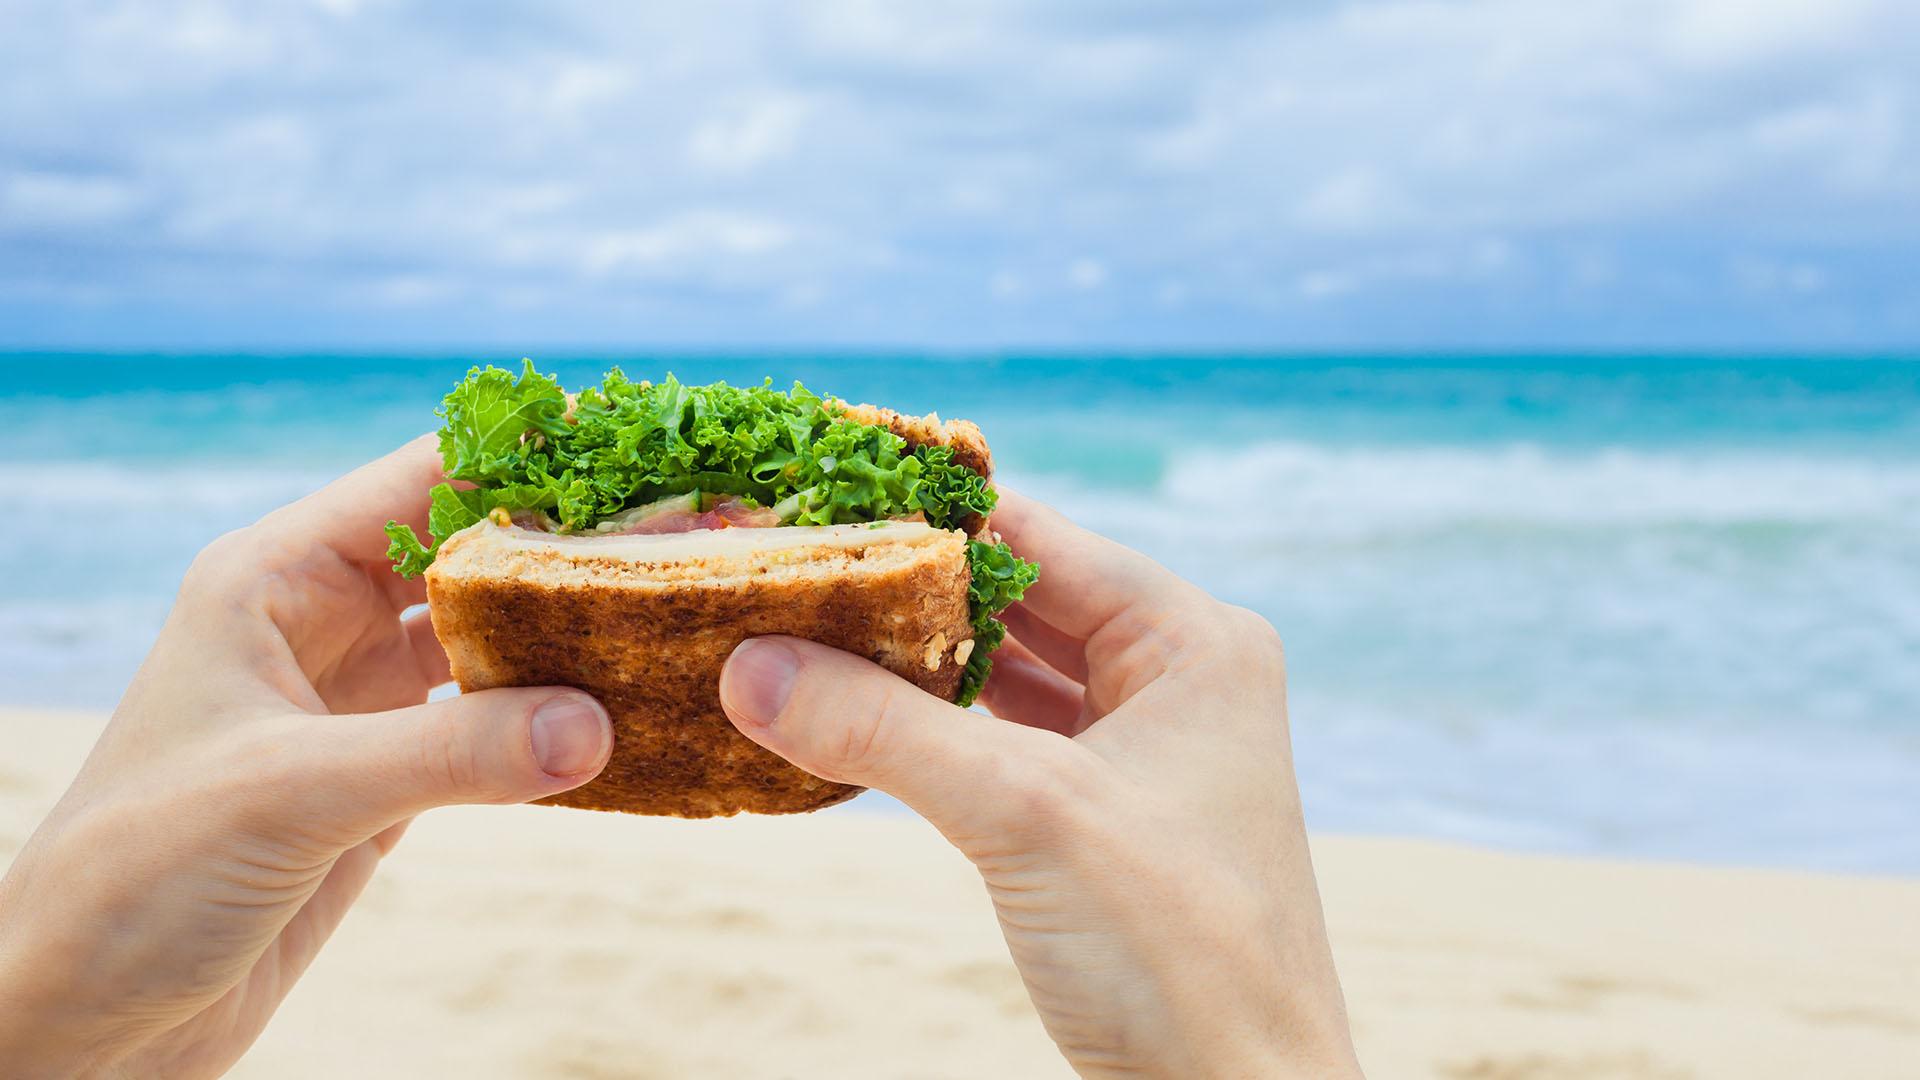 Saber elegir los alimentos es parte de no abandonar el estilo de vida sana (Getty)